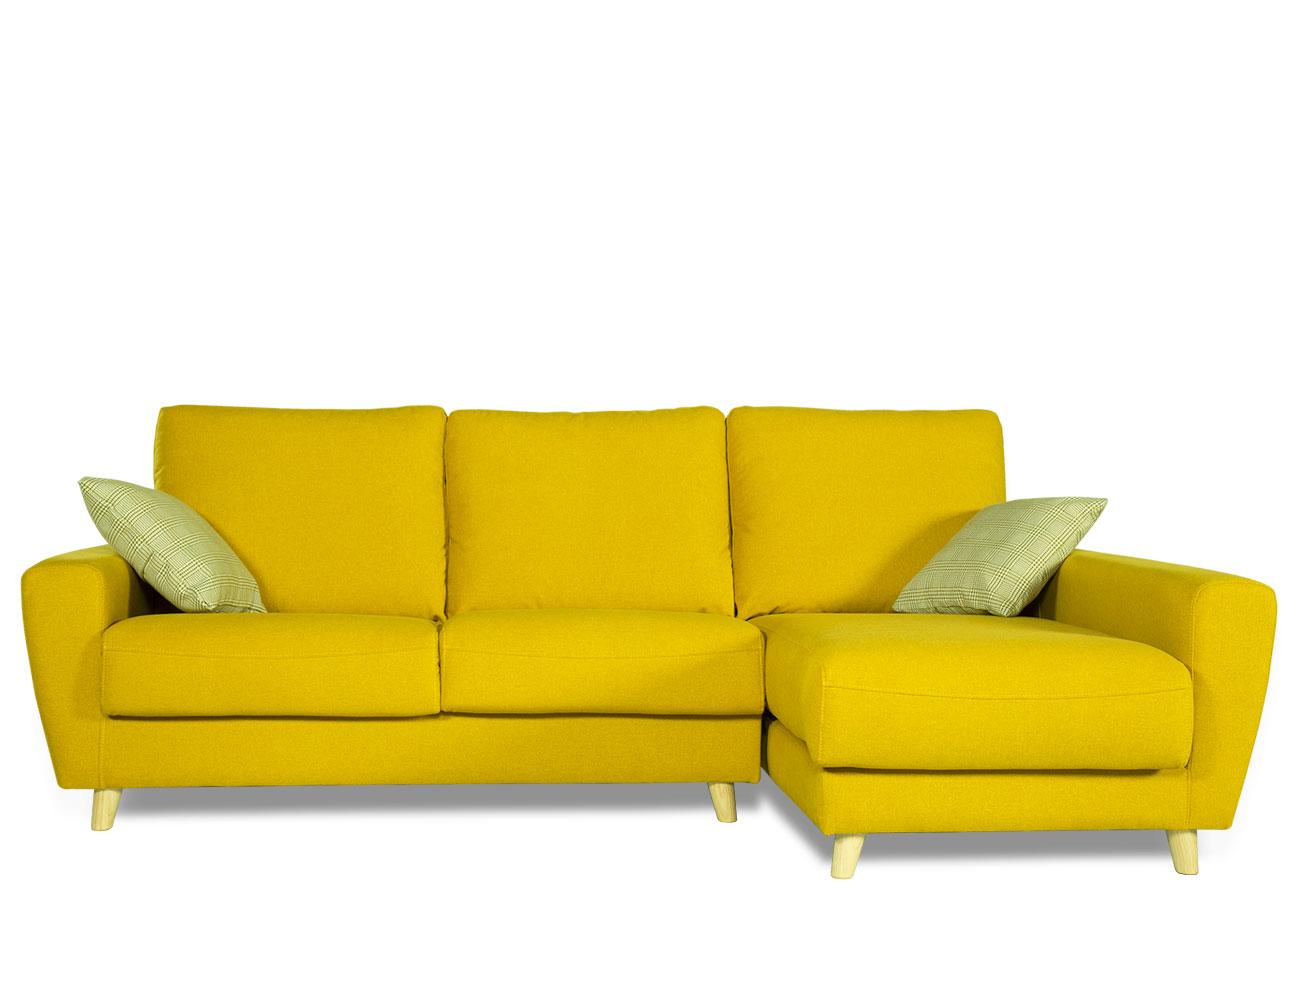 Sof chaiselogue con un dise o moderno y gran variedad de for Sofas en u precios